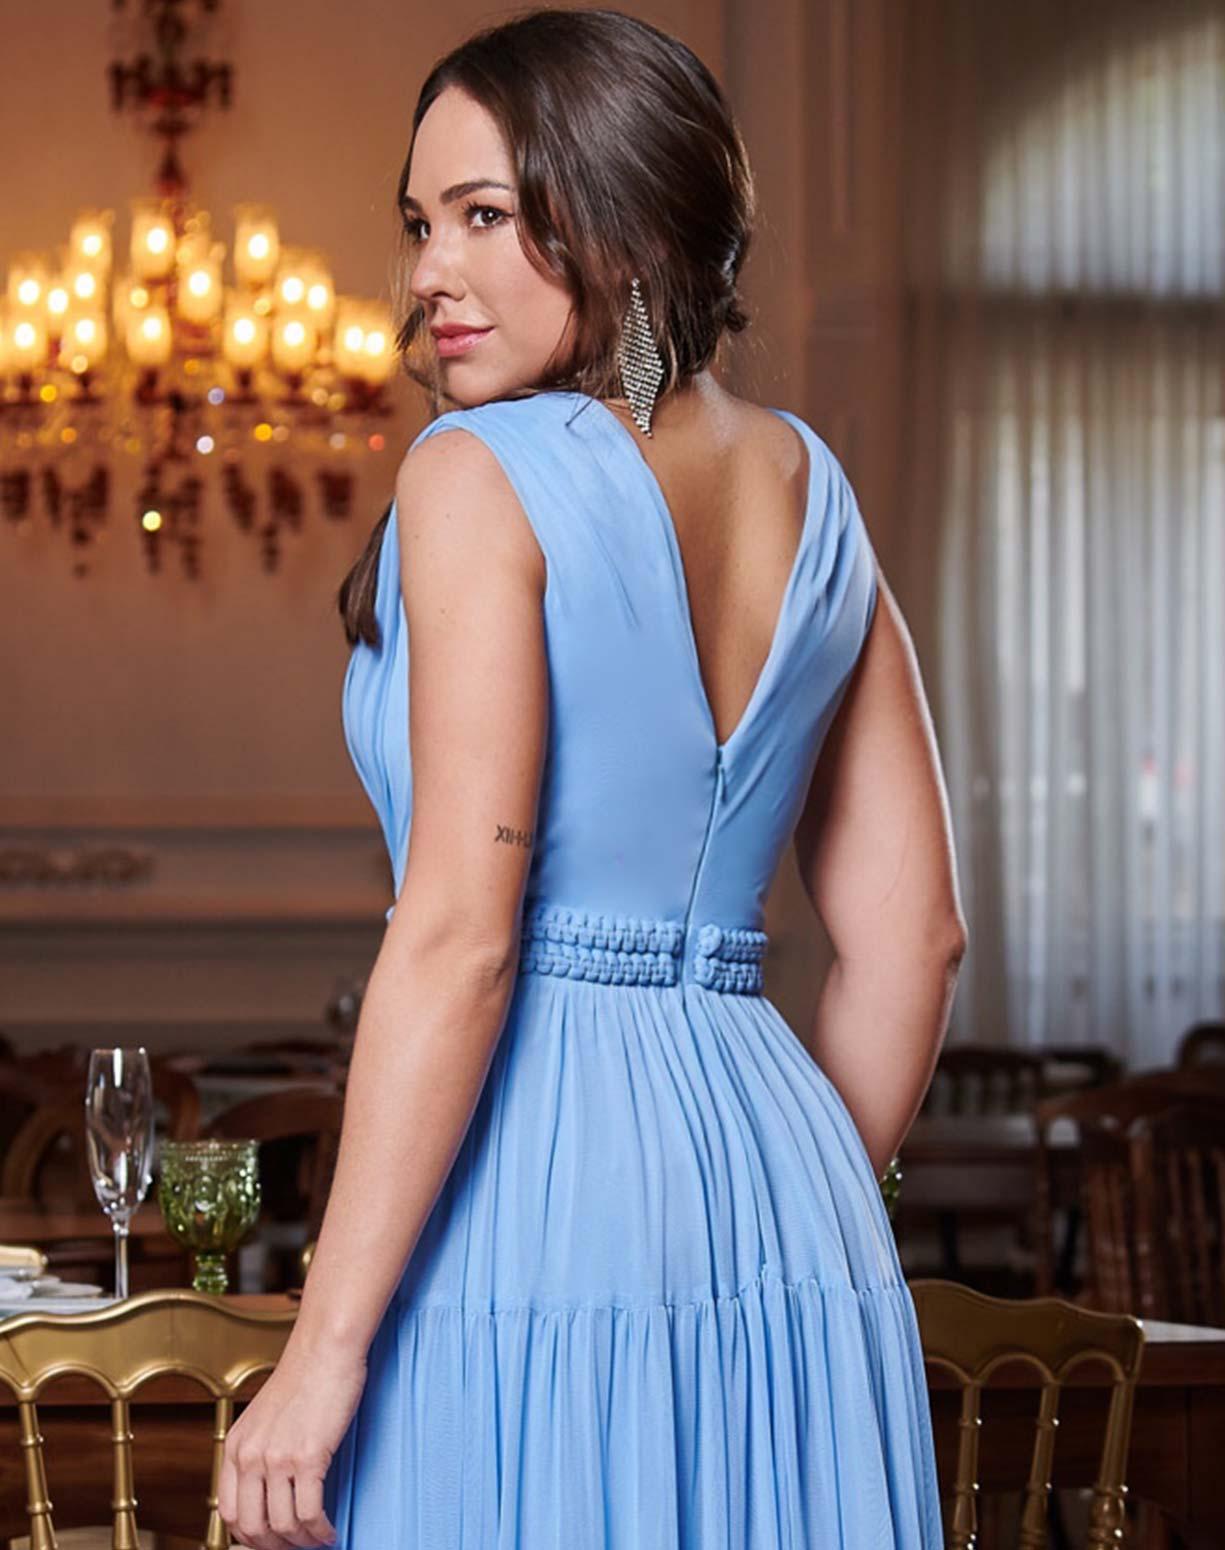 Vestido Azul Serenity em Tule com Cinto Fixo em Macramê